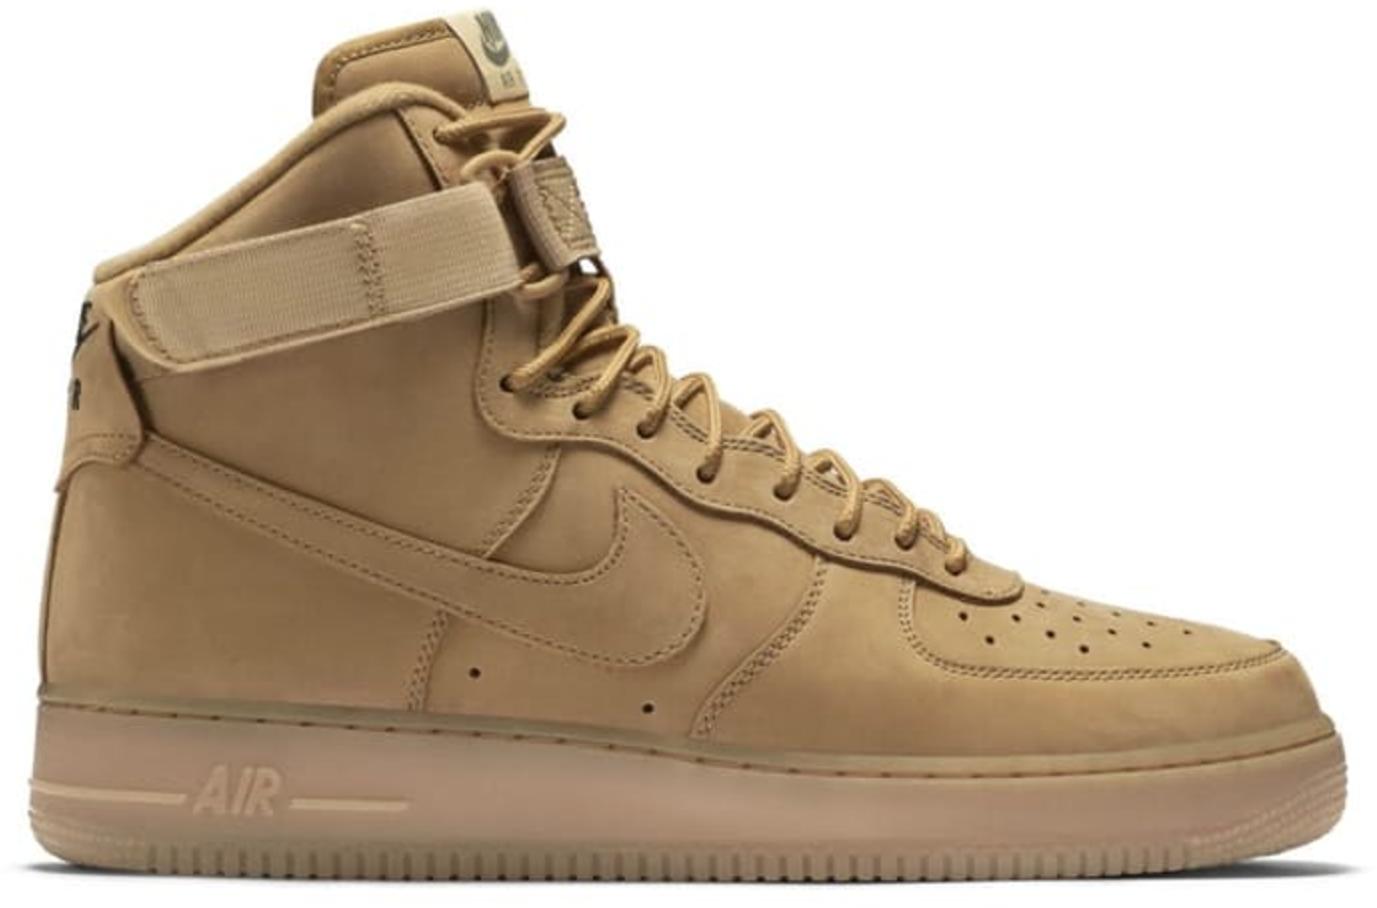 Air Force 1 High Wheat (2016)